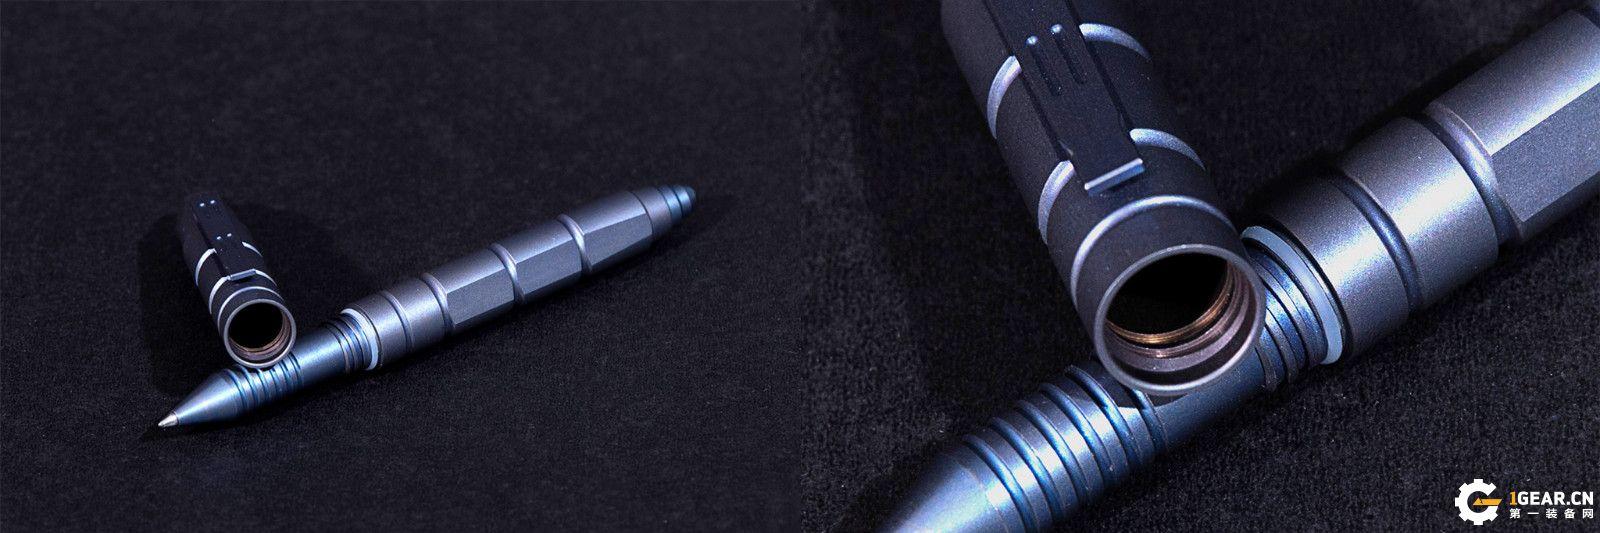 重剑无锋大巧不工---MAXACE审判者战术笔